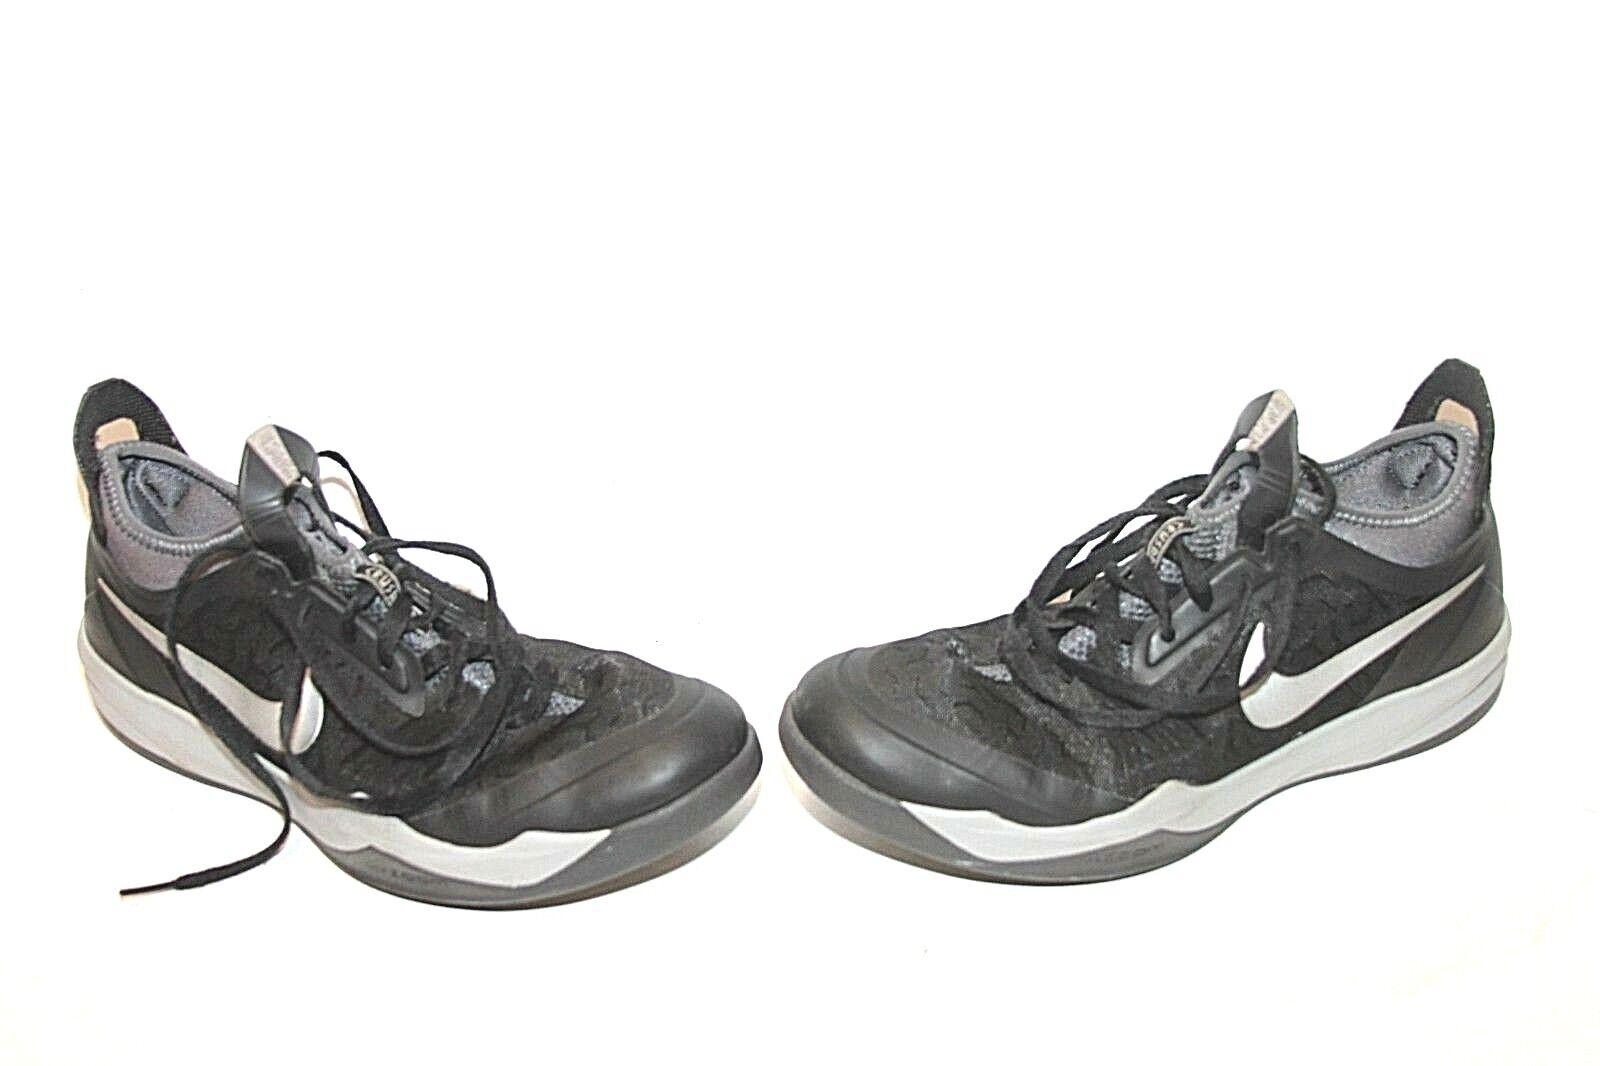 nike 630909-004 zoom crociato uomini uomini uomini neri / argento scarpe da ginnastica numero 9,5 m uomini | A Prezzi Convenienti  | Prezzo economico  | Scolaro/Signora Scarpa  | Uomo/Donne Scarpa  bbeb05